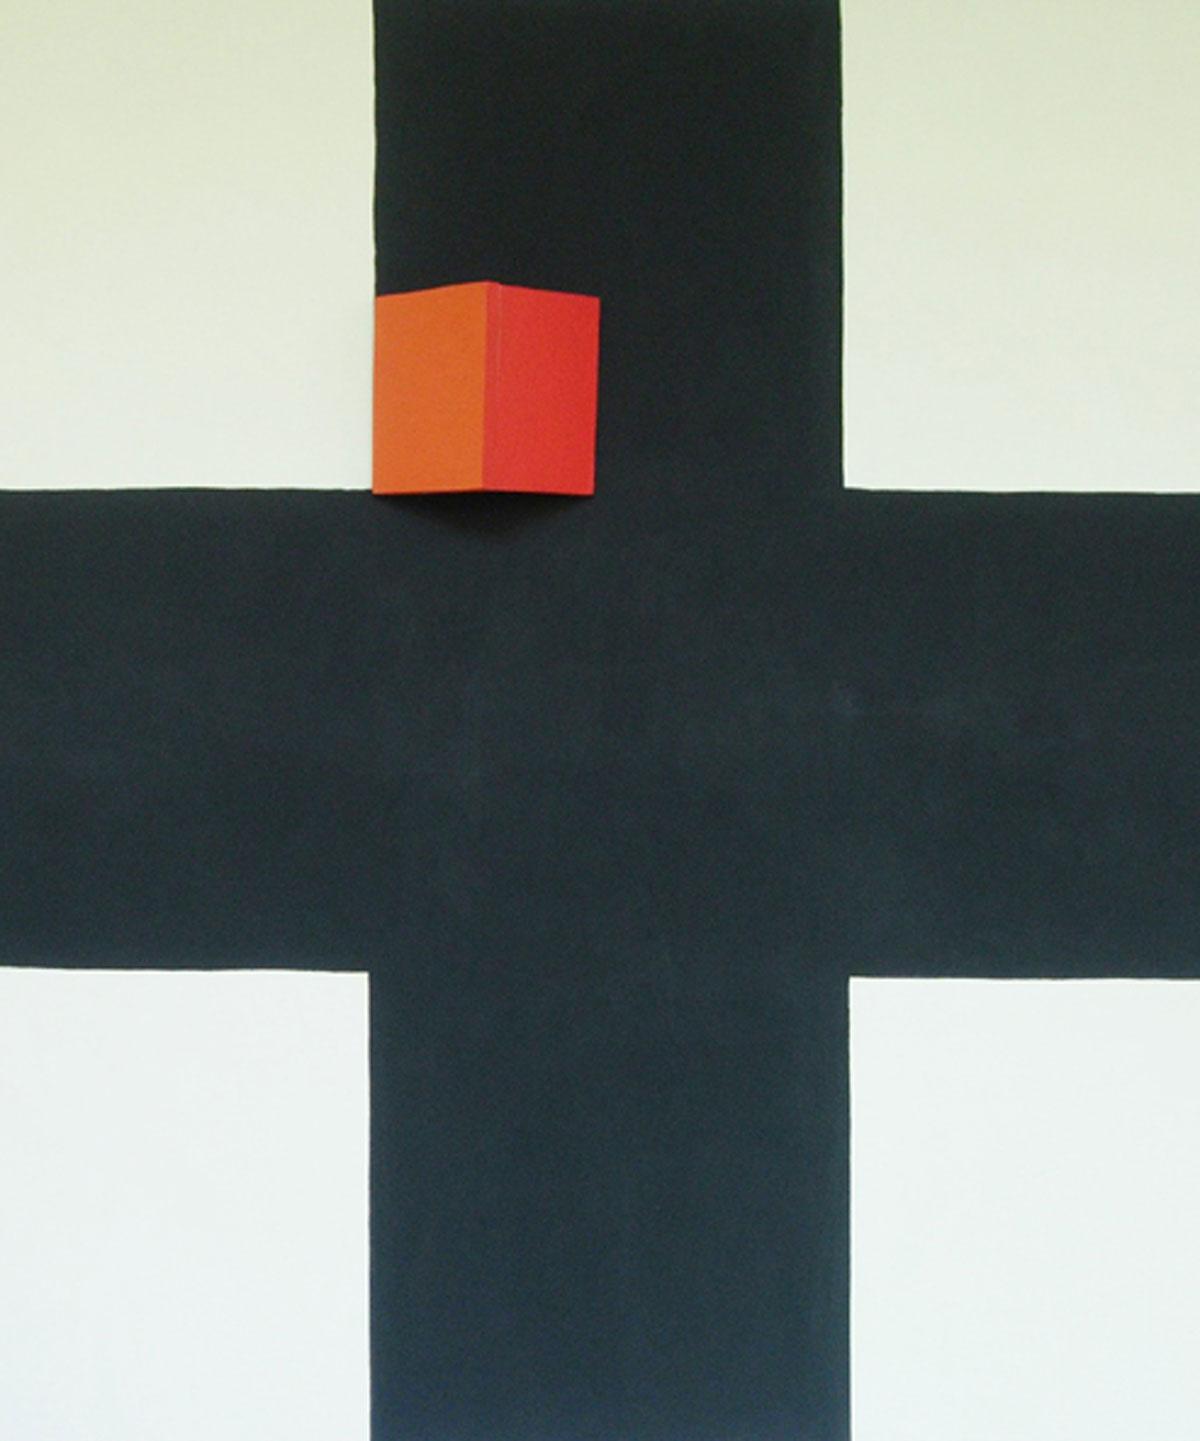 Igor Ganikowskij: The Cross